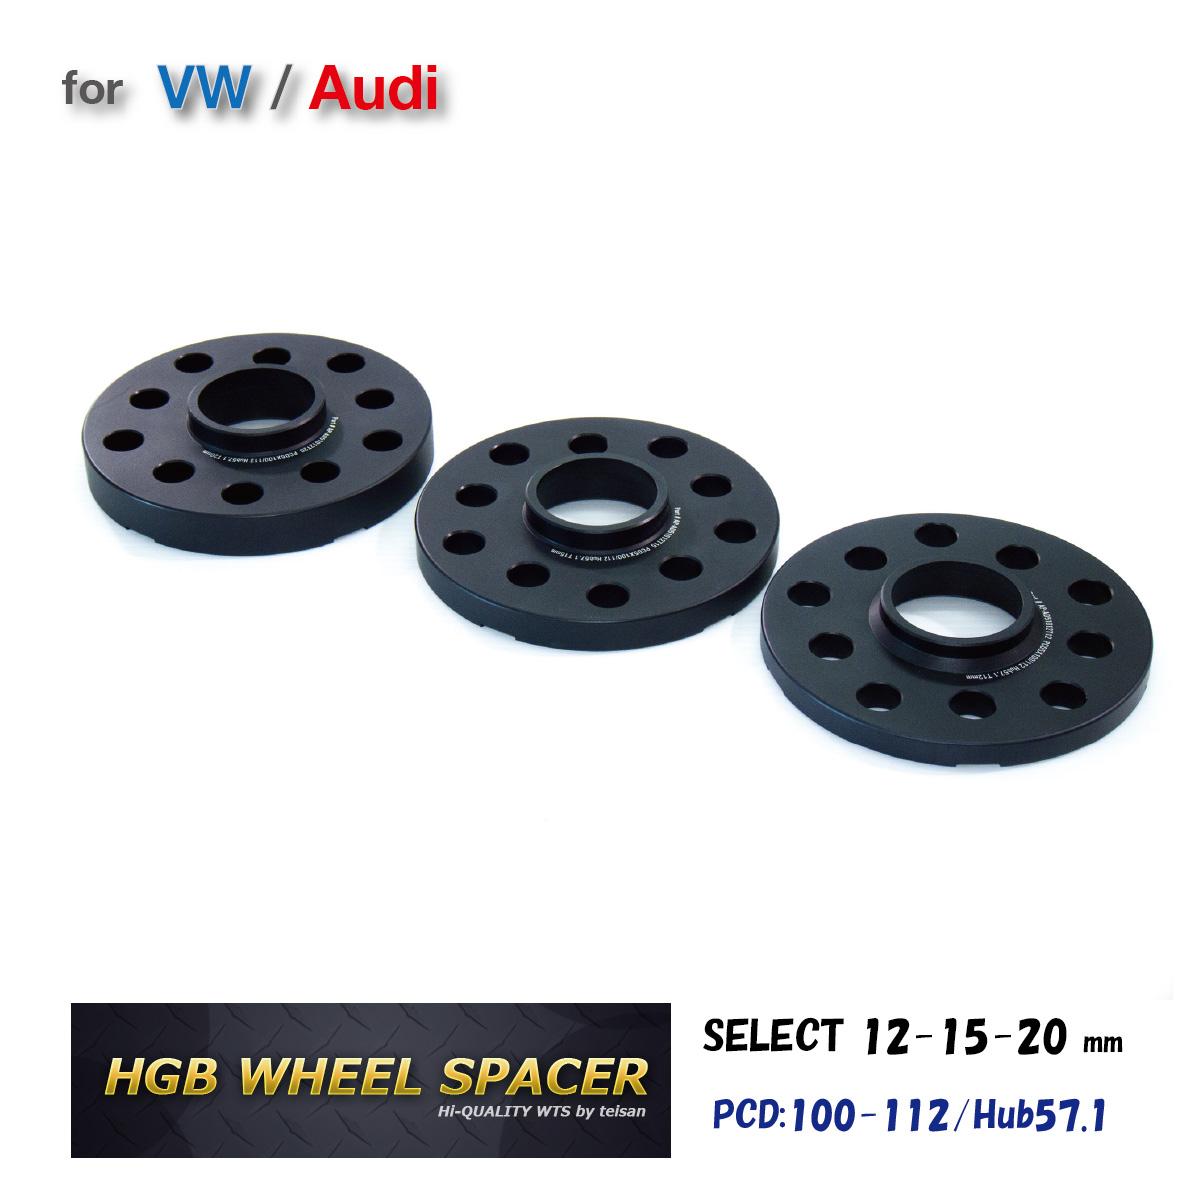 VW/AUDI(ワーゲン/アウディ)用HGBワイドトレッドホイールスペーサー(2枚組)12or15or20ミリ/マルチPCD100-112mm/HUB57/5Hx2/ブラックアルマイト仕様送料無料 ハンガーボルトをプレゼント!